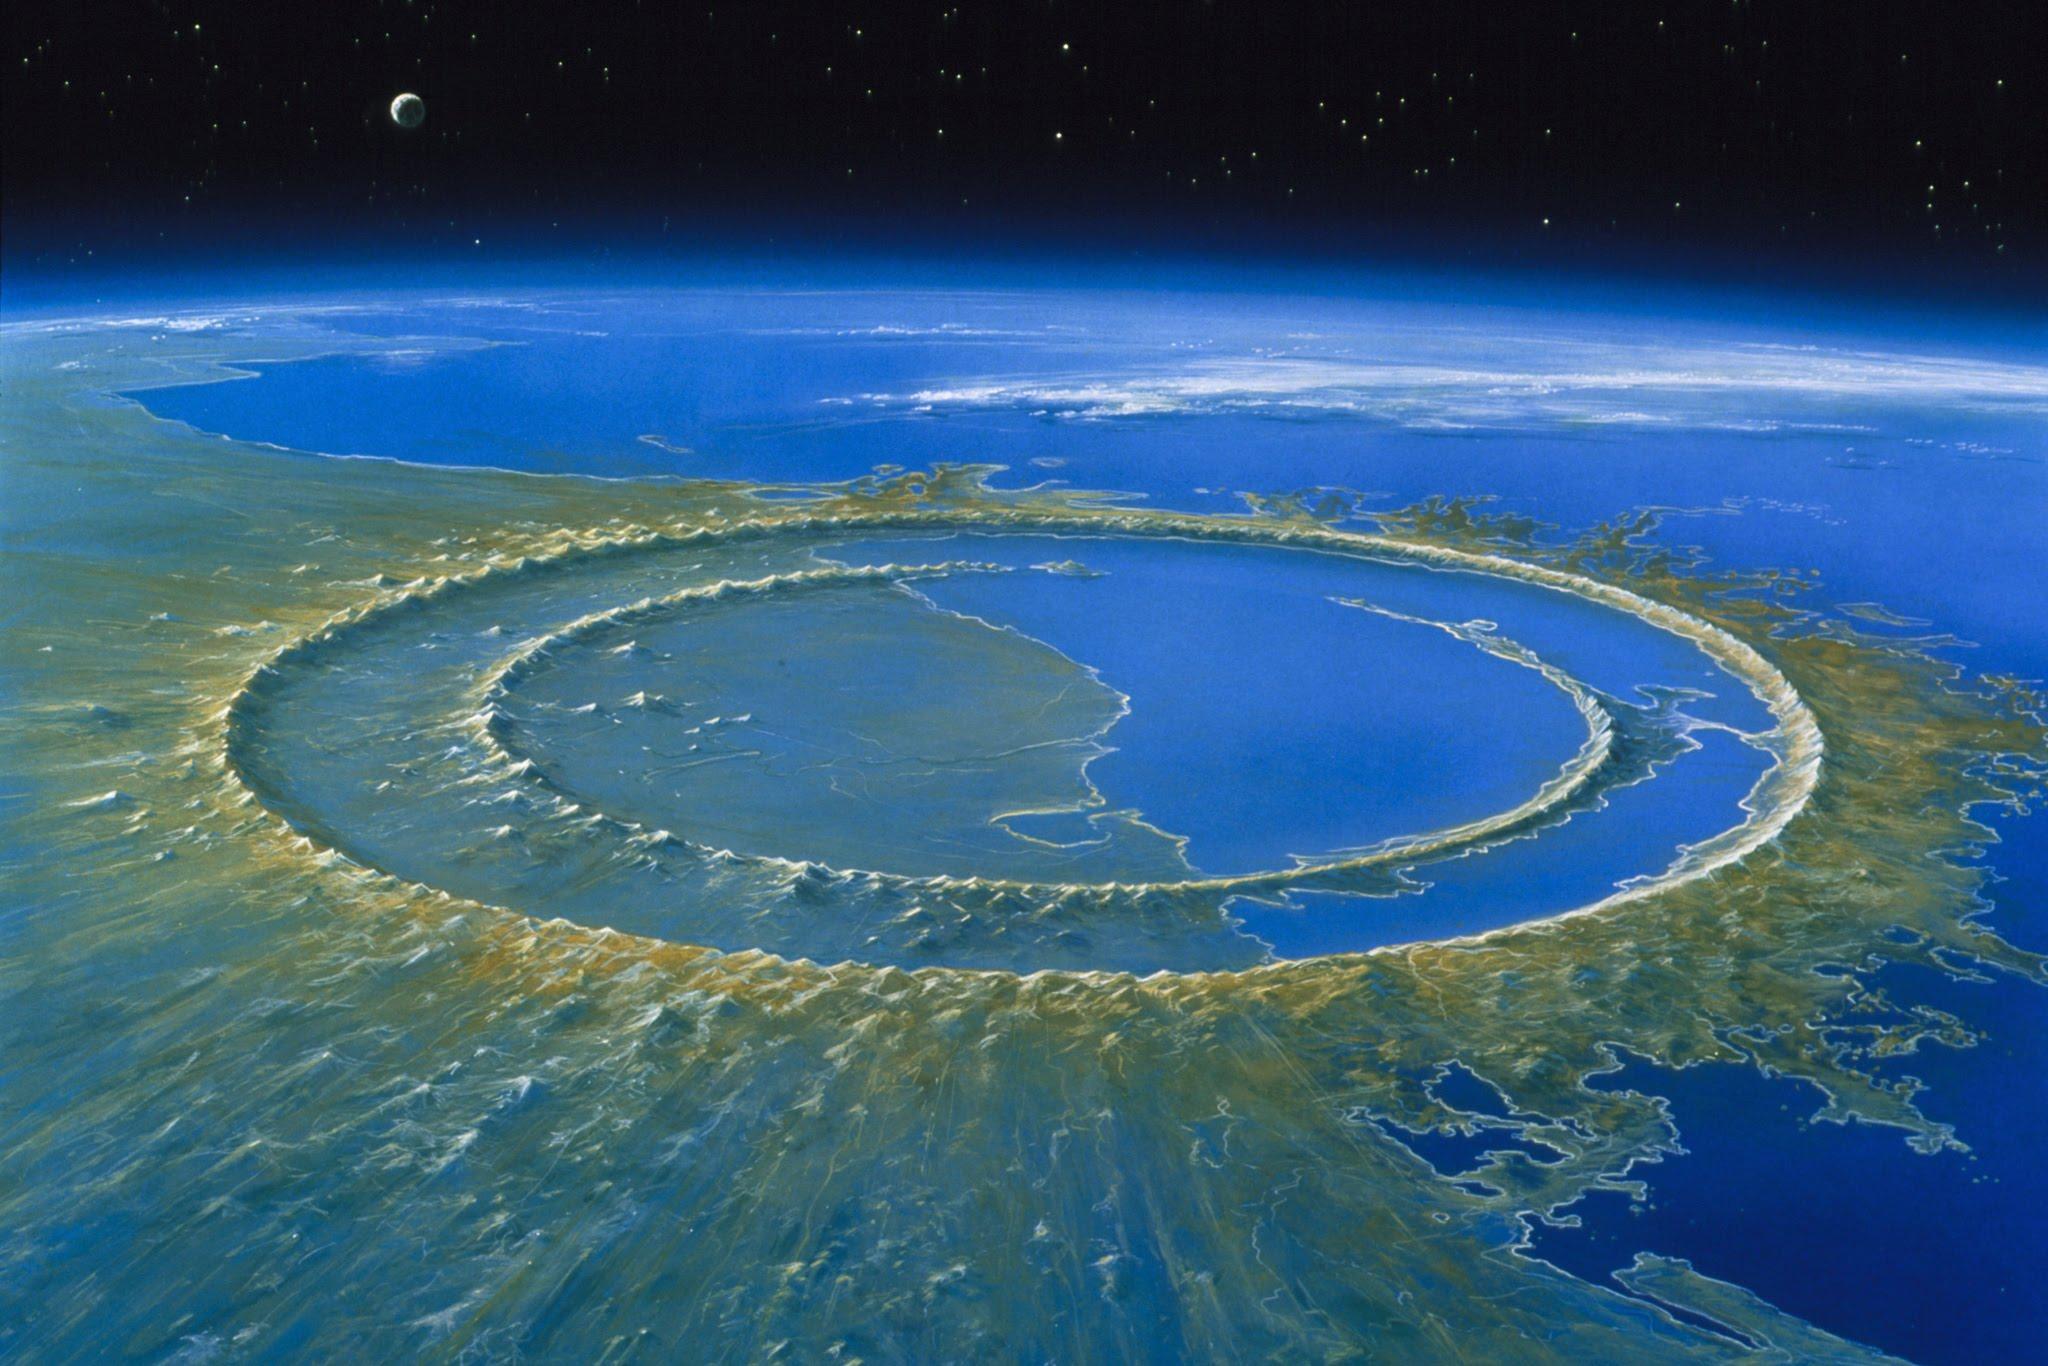 Канал Яндекс-Дзен о странном мире, что нас окружает «Quiet Earth». Каталог каналов Яндекс-Дзен